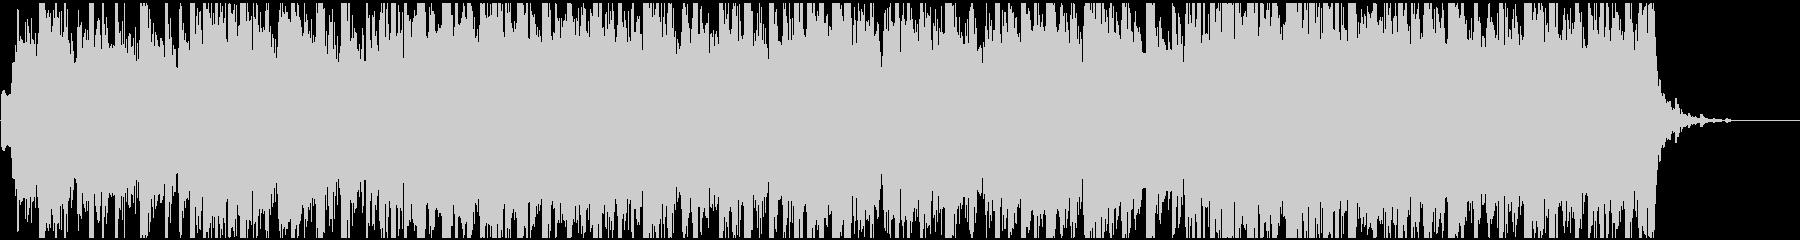 さわやかな汎用性の高い35秒の楽曲の未再生の波形